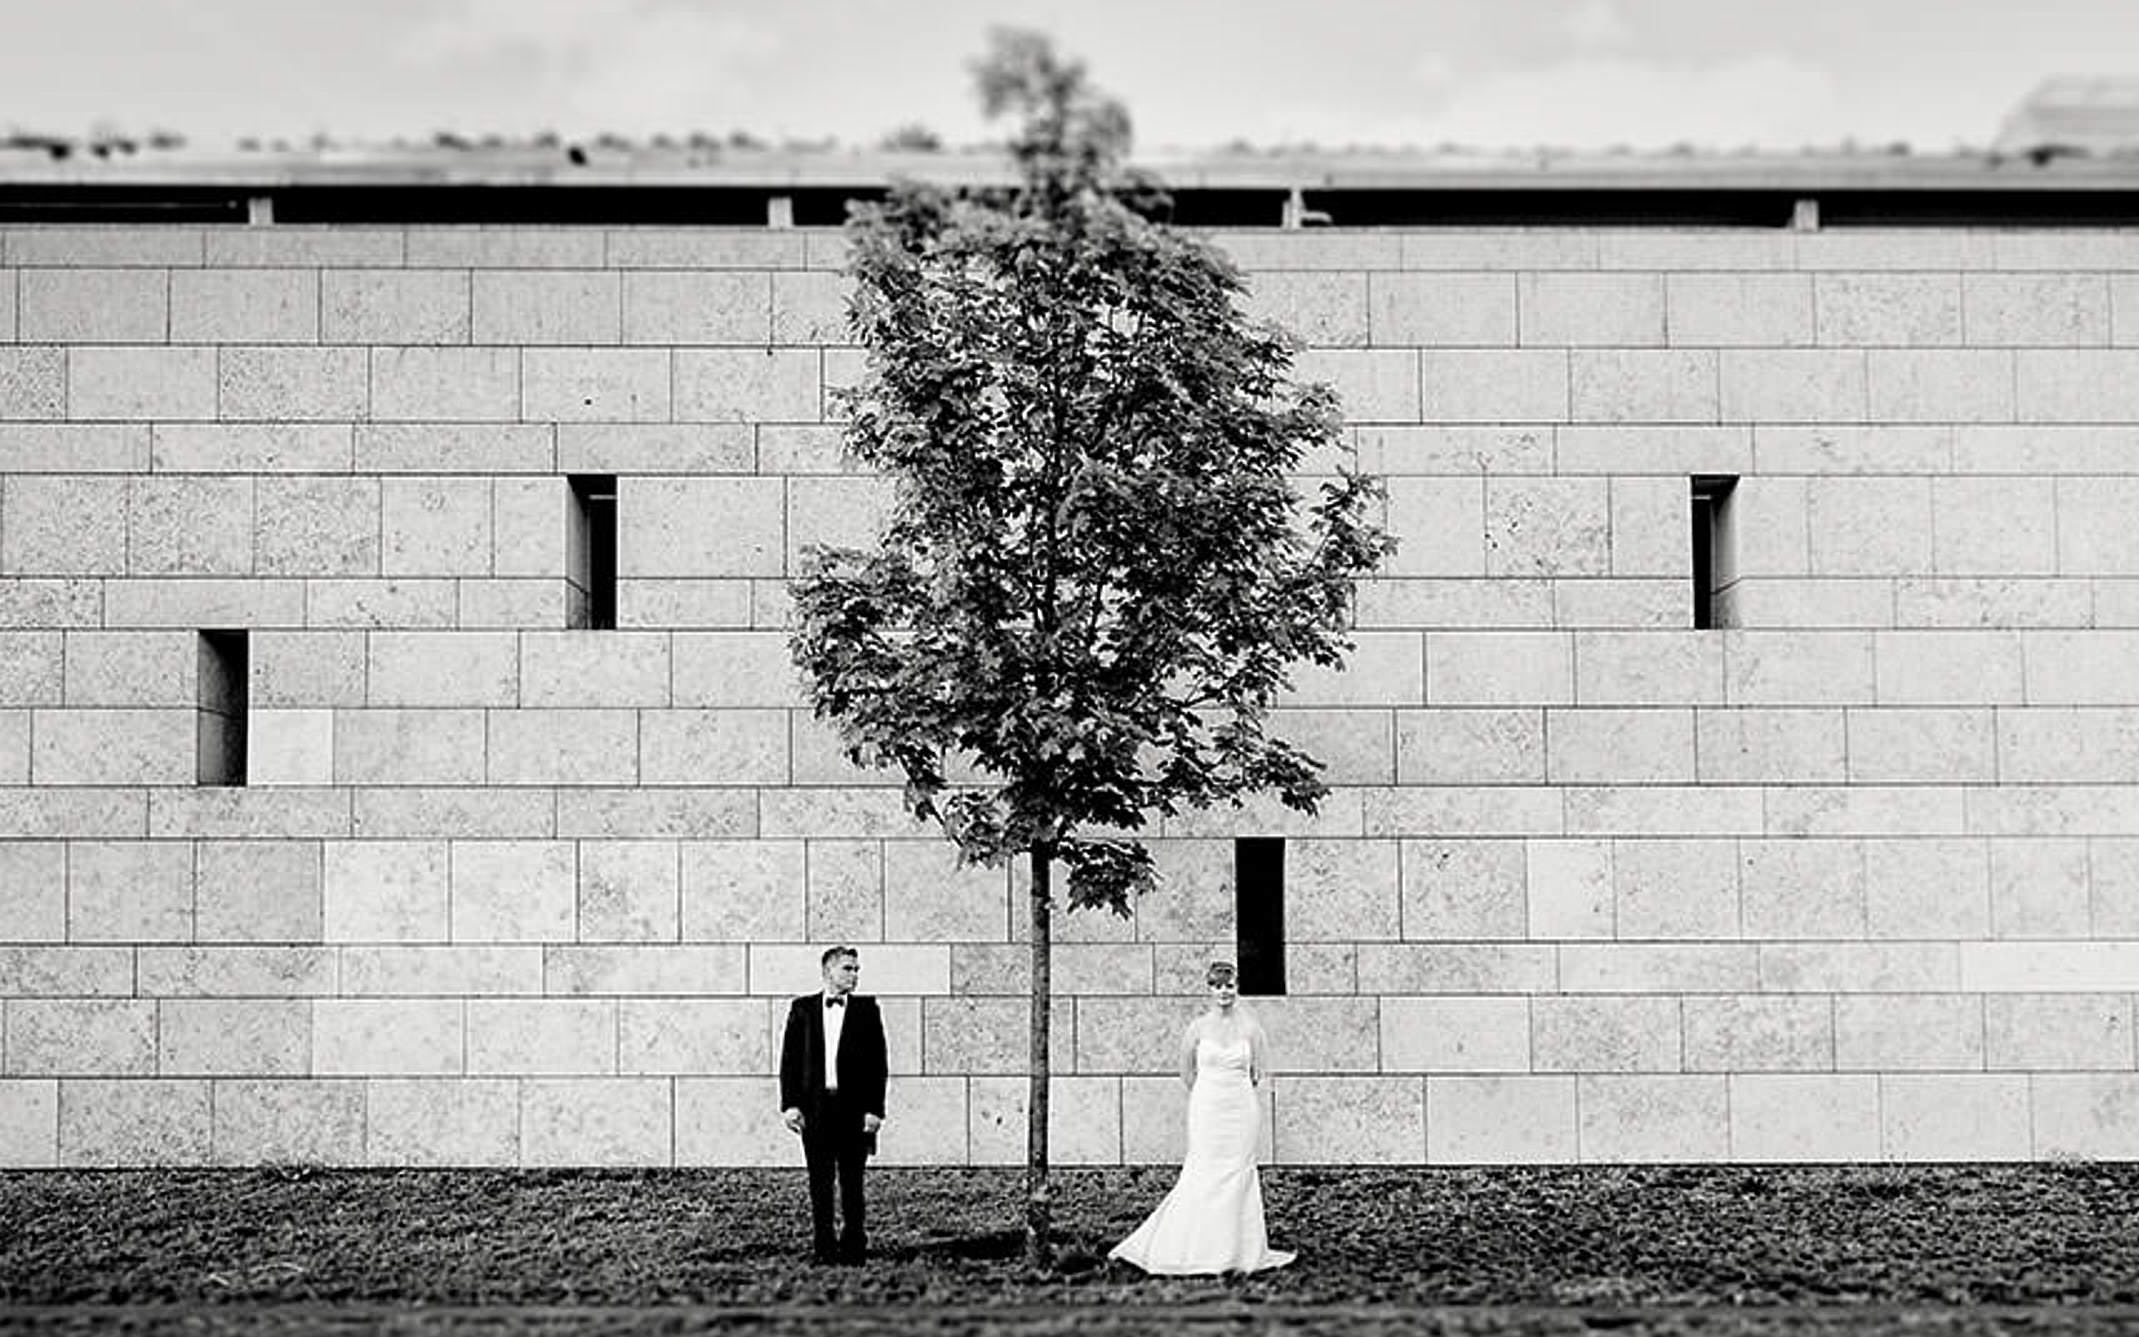 Hochzeitsfotograf Mainz • ein Shooting in der Landeshauptstadt